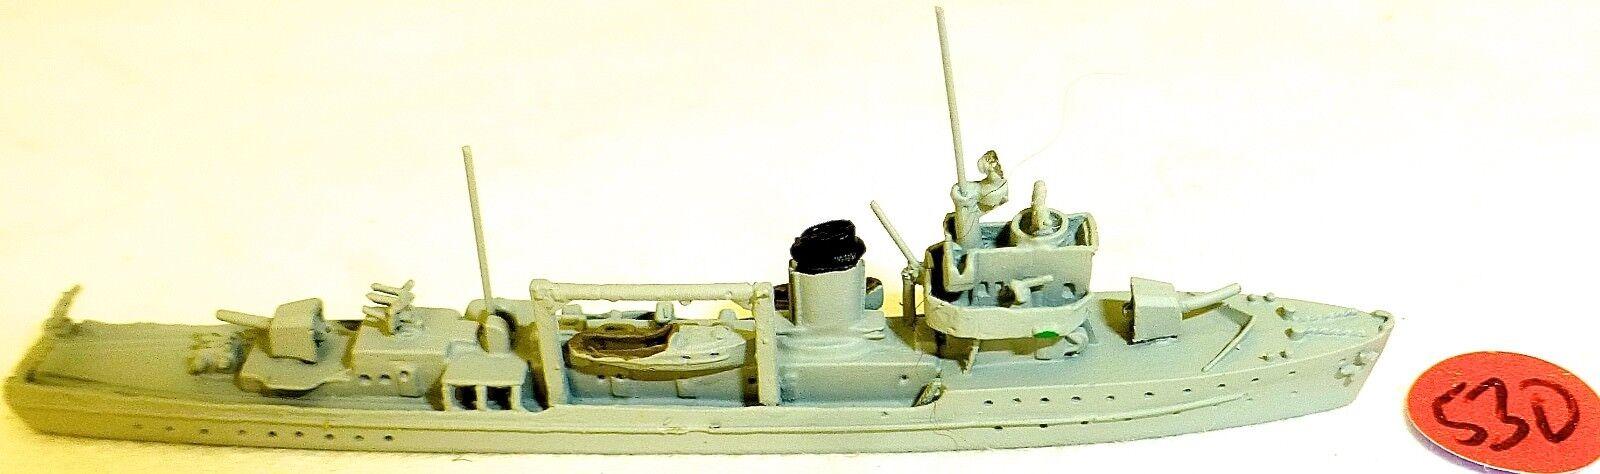 War meine neptun 1082 modello barca 1 1250 shp530 å